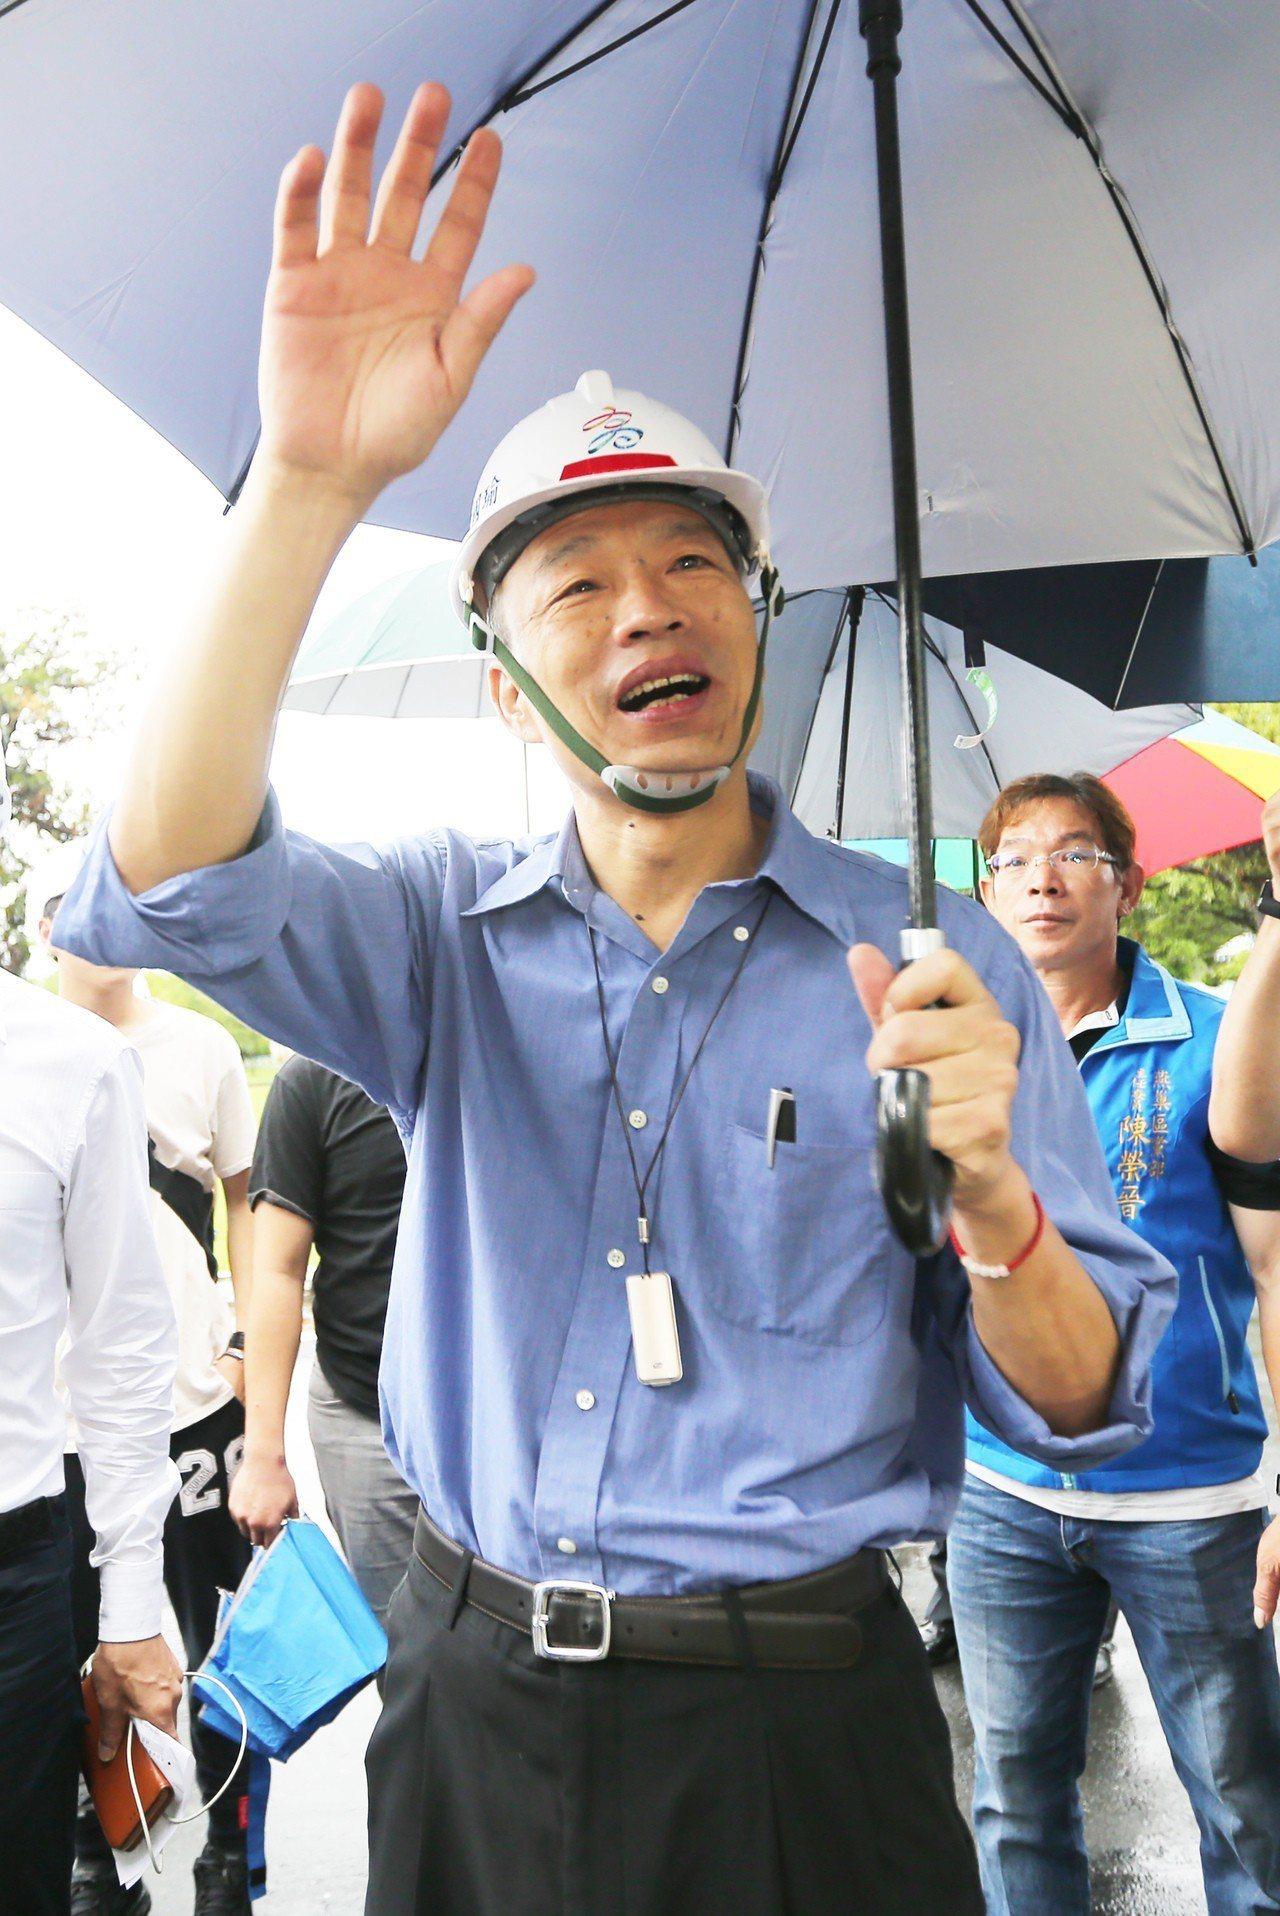 高雄市長韓國瑜上午到燕巢榮民之家拜訪,並與大家親切問好。記者劉學聖/攝影